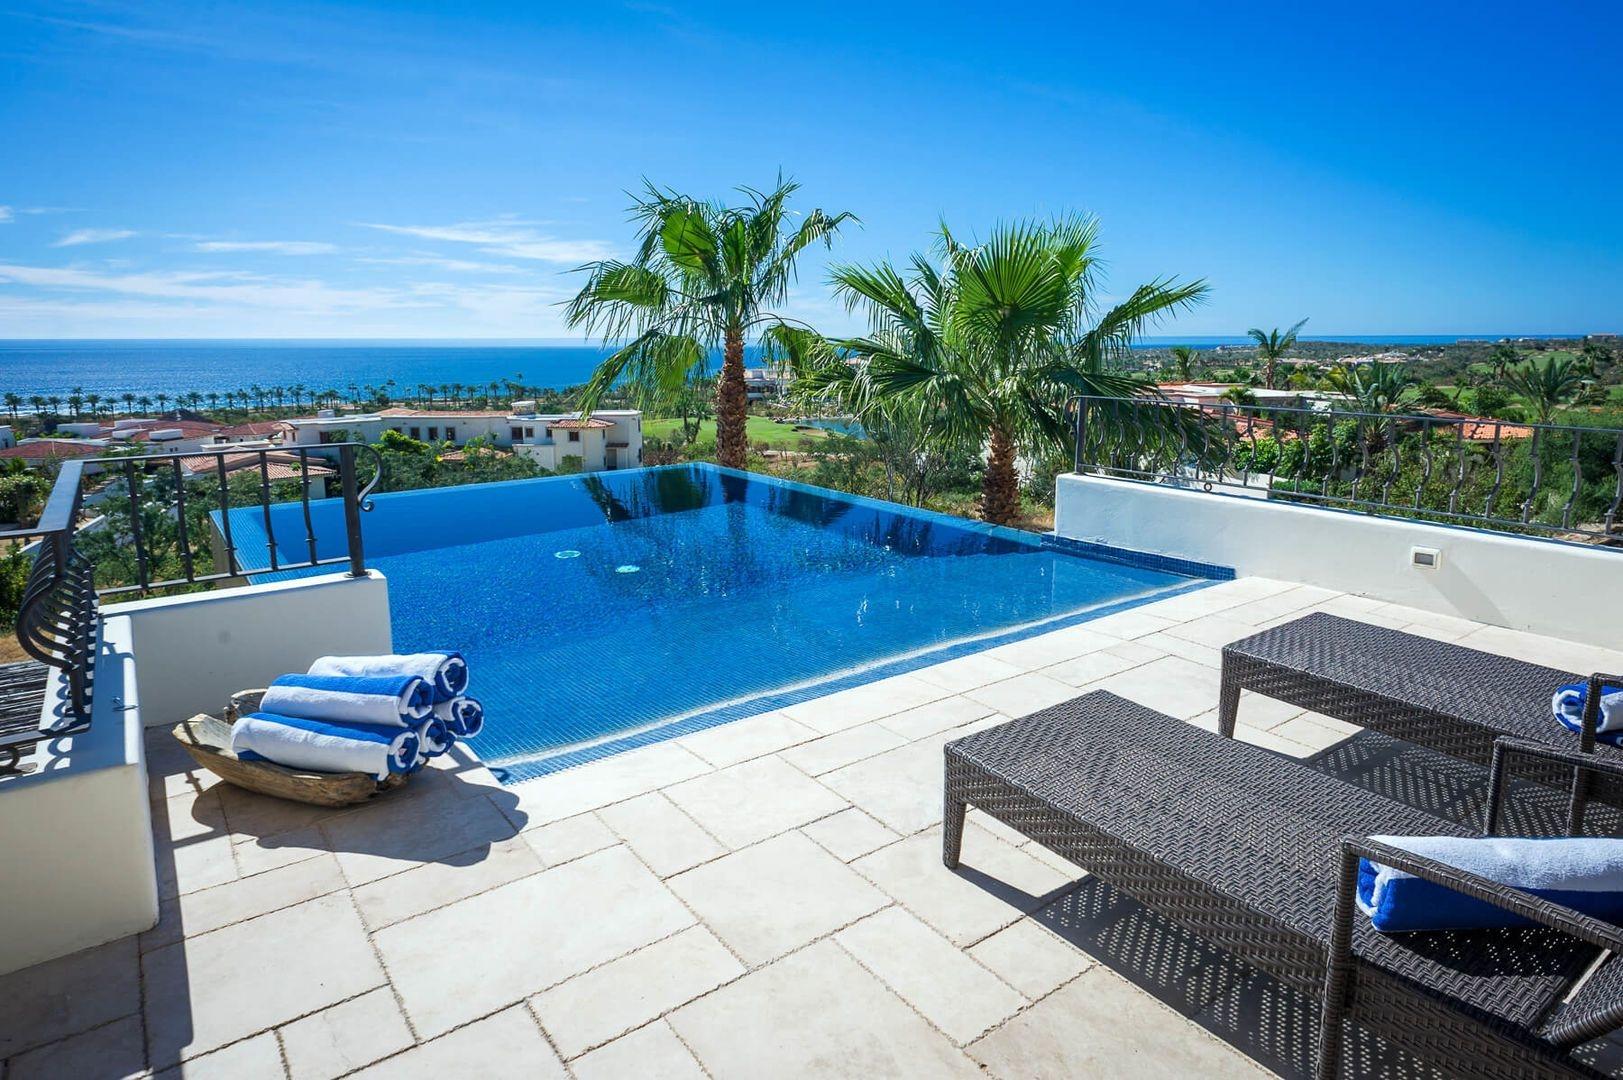 Luxury vacation rentals mexico - Los cabos - Cabo - Cabo delsol - Villa de los Faros - Image 1/25